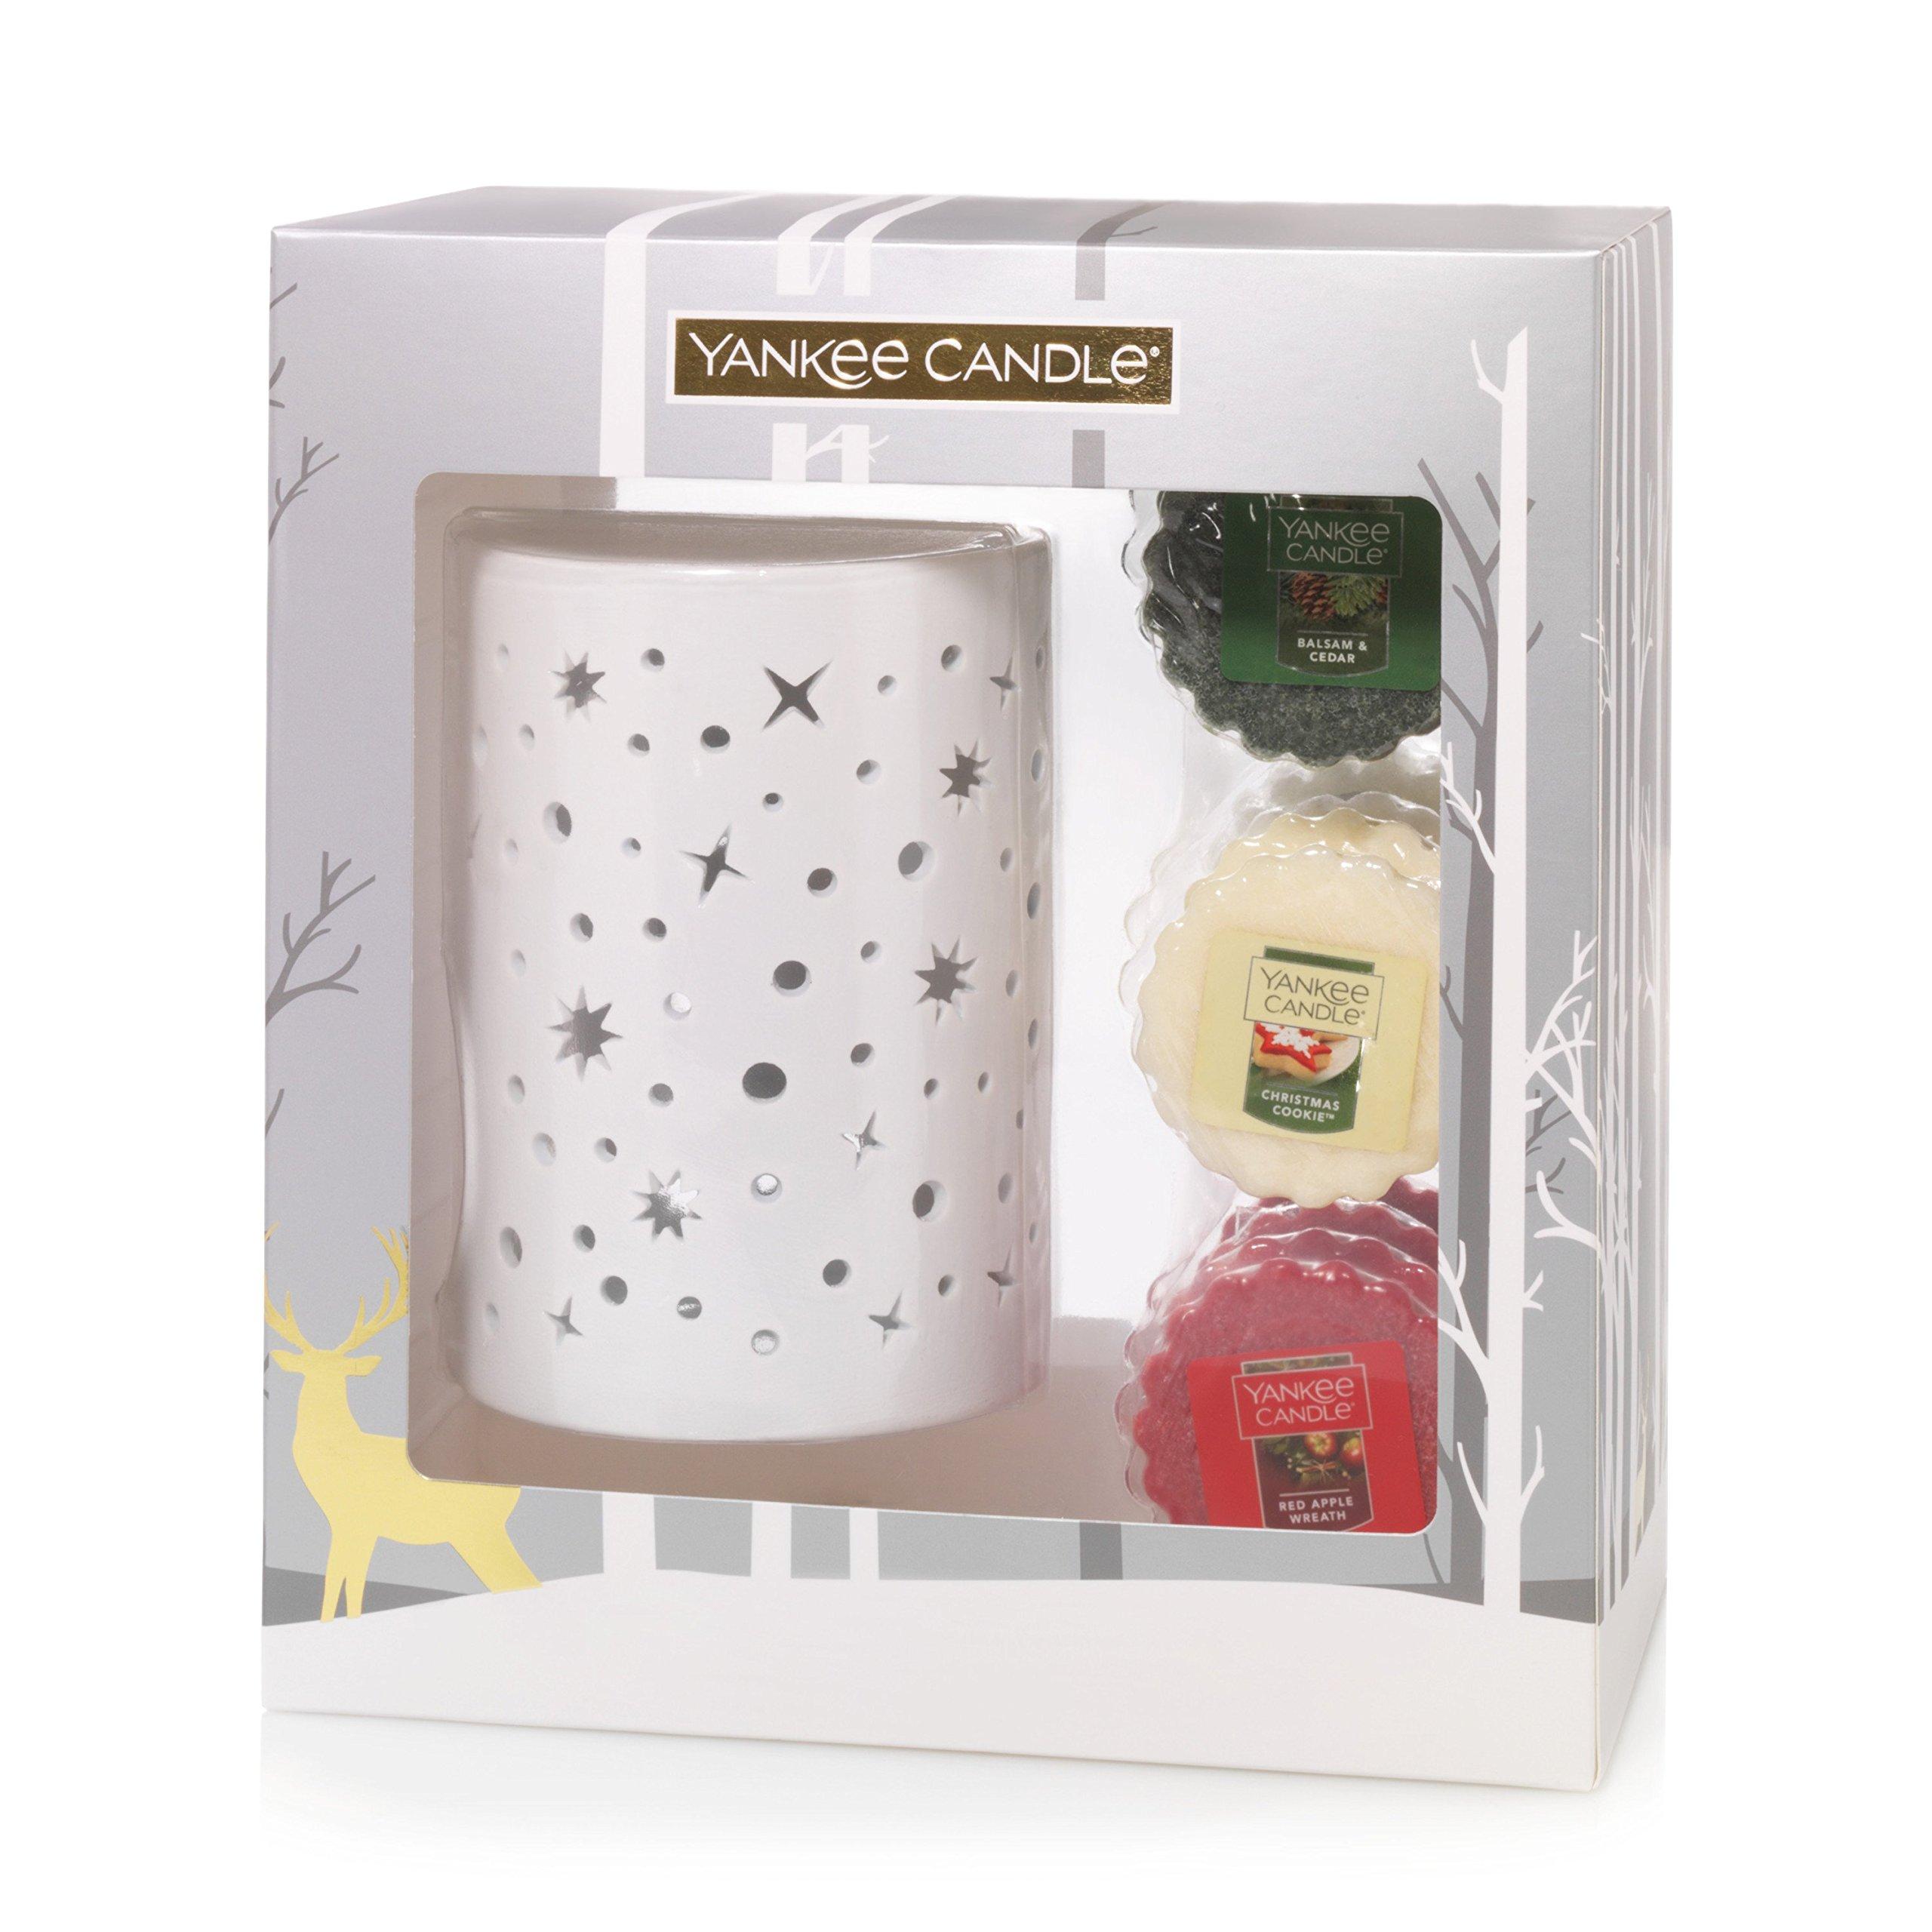 Yankee Candle Wax Melts Gift Set, Holiday Tarts